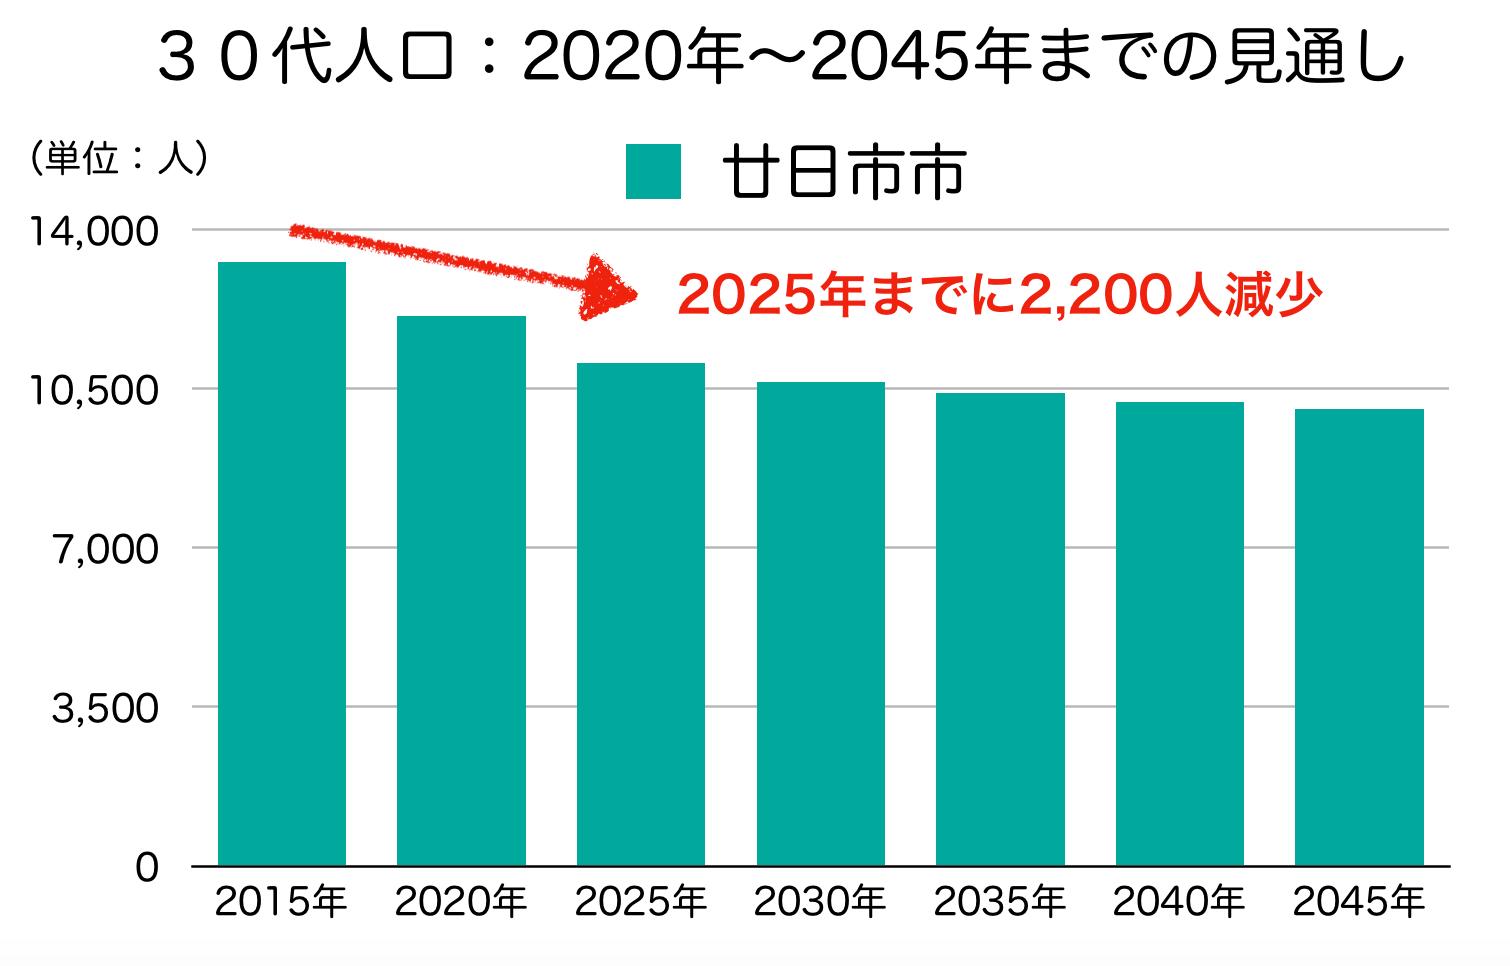 廿日市市の30代人口の予測